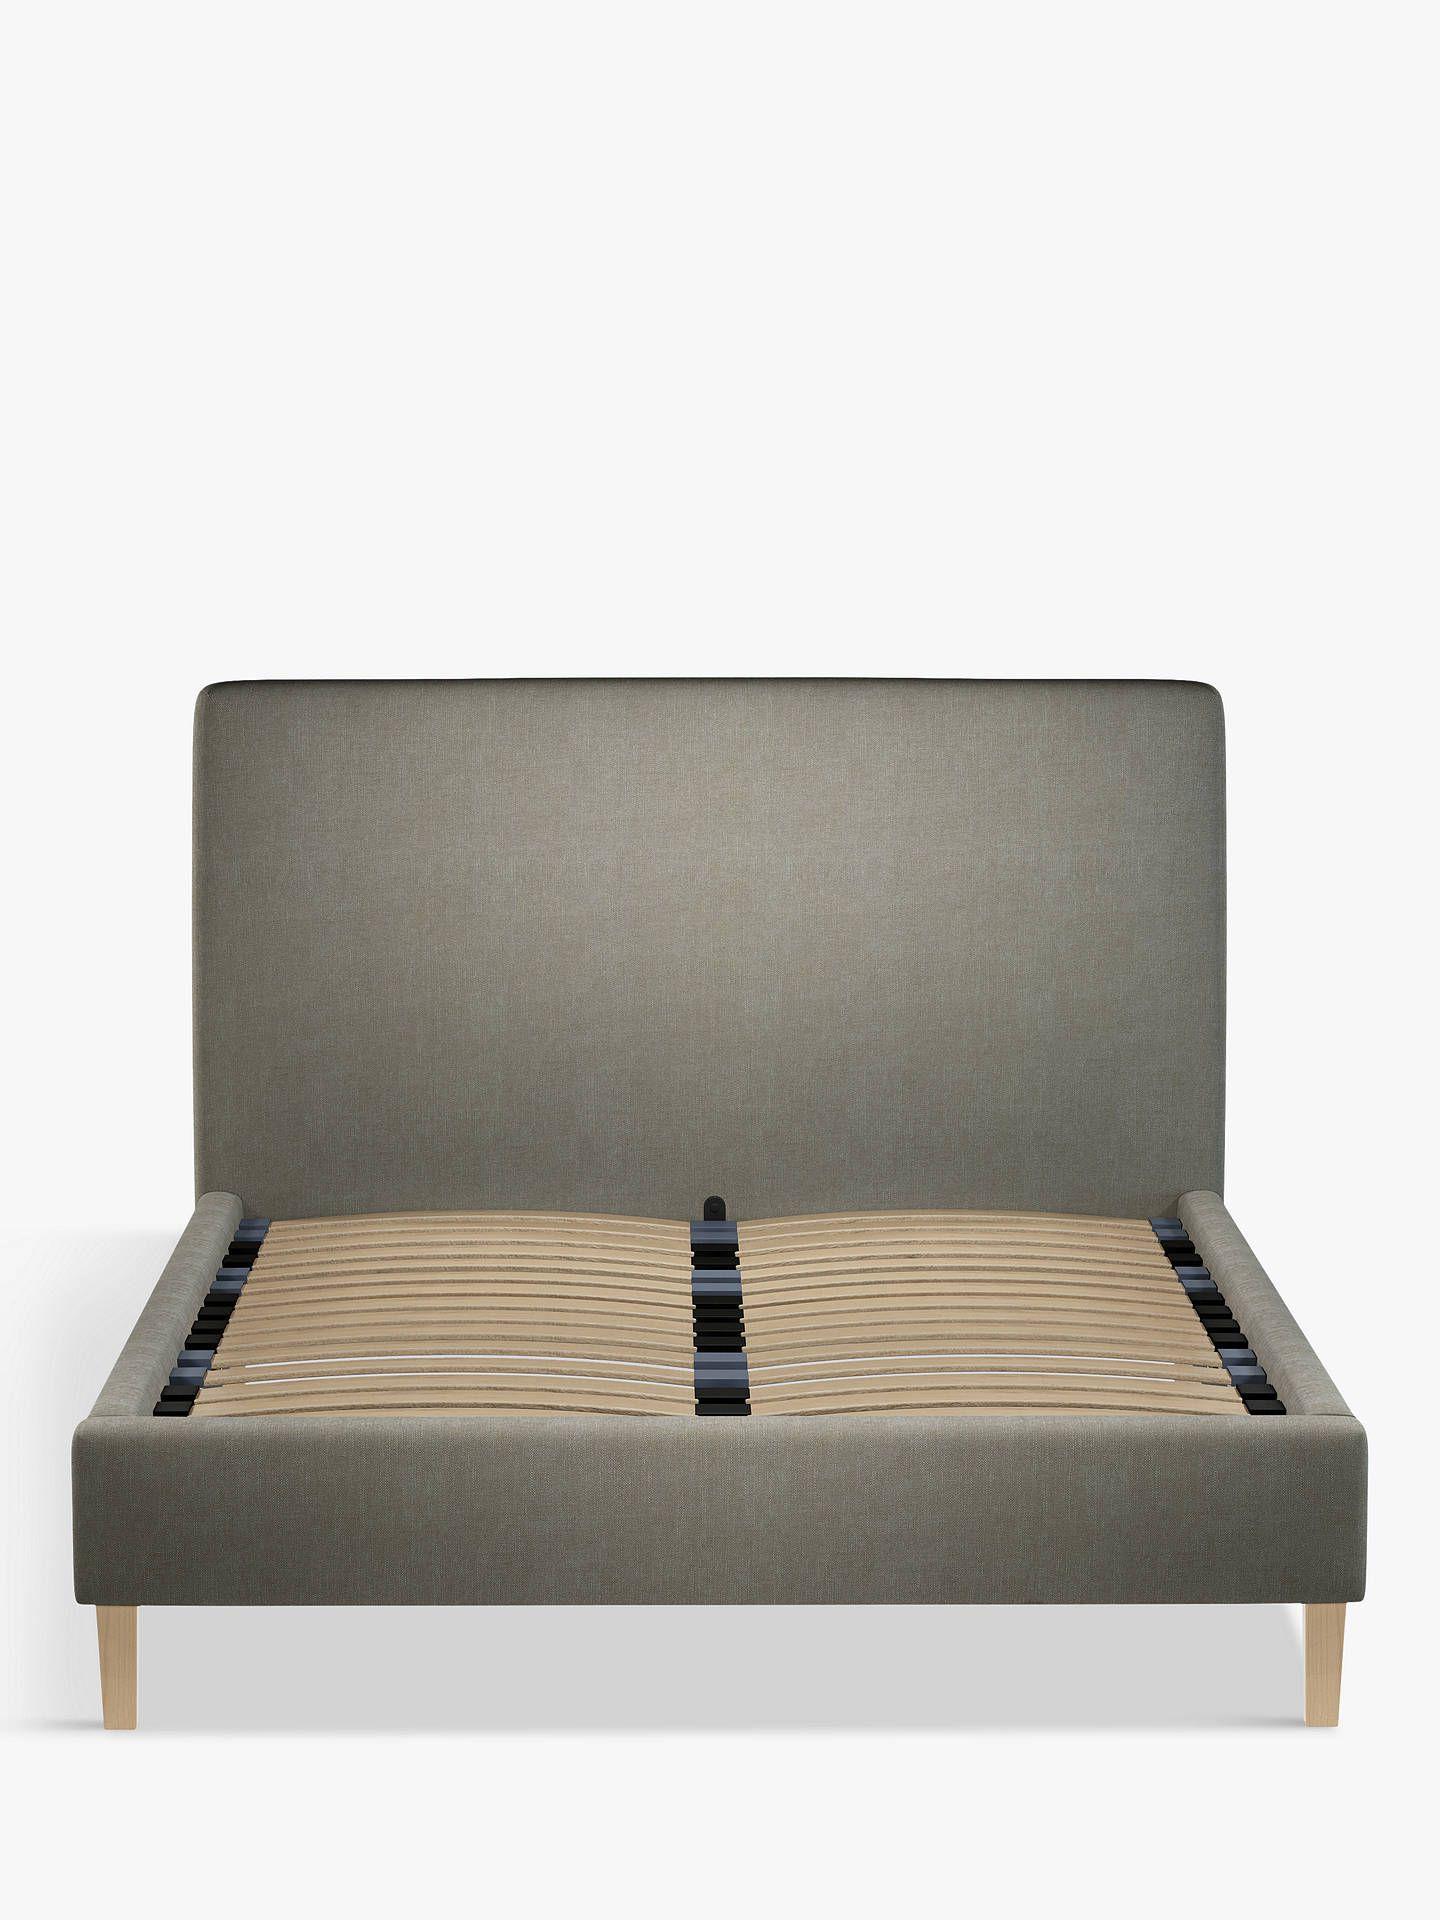 John Lewis & Partners Emily Upholstered Bed Frame, King